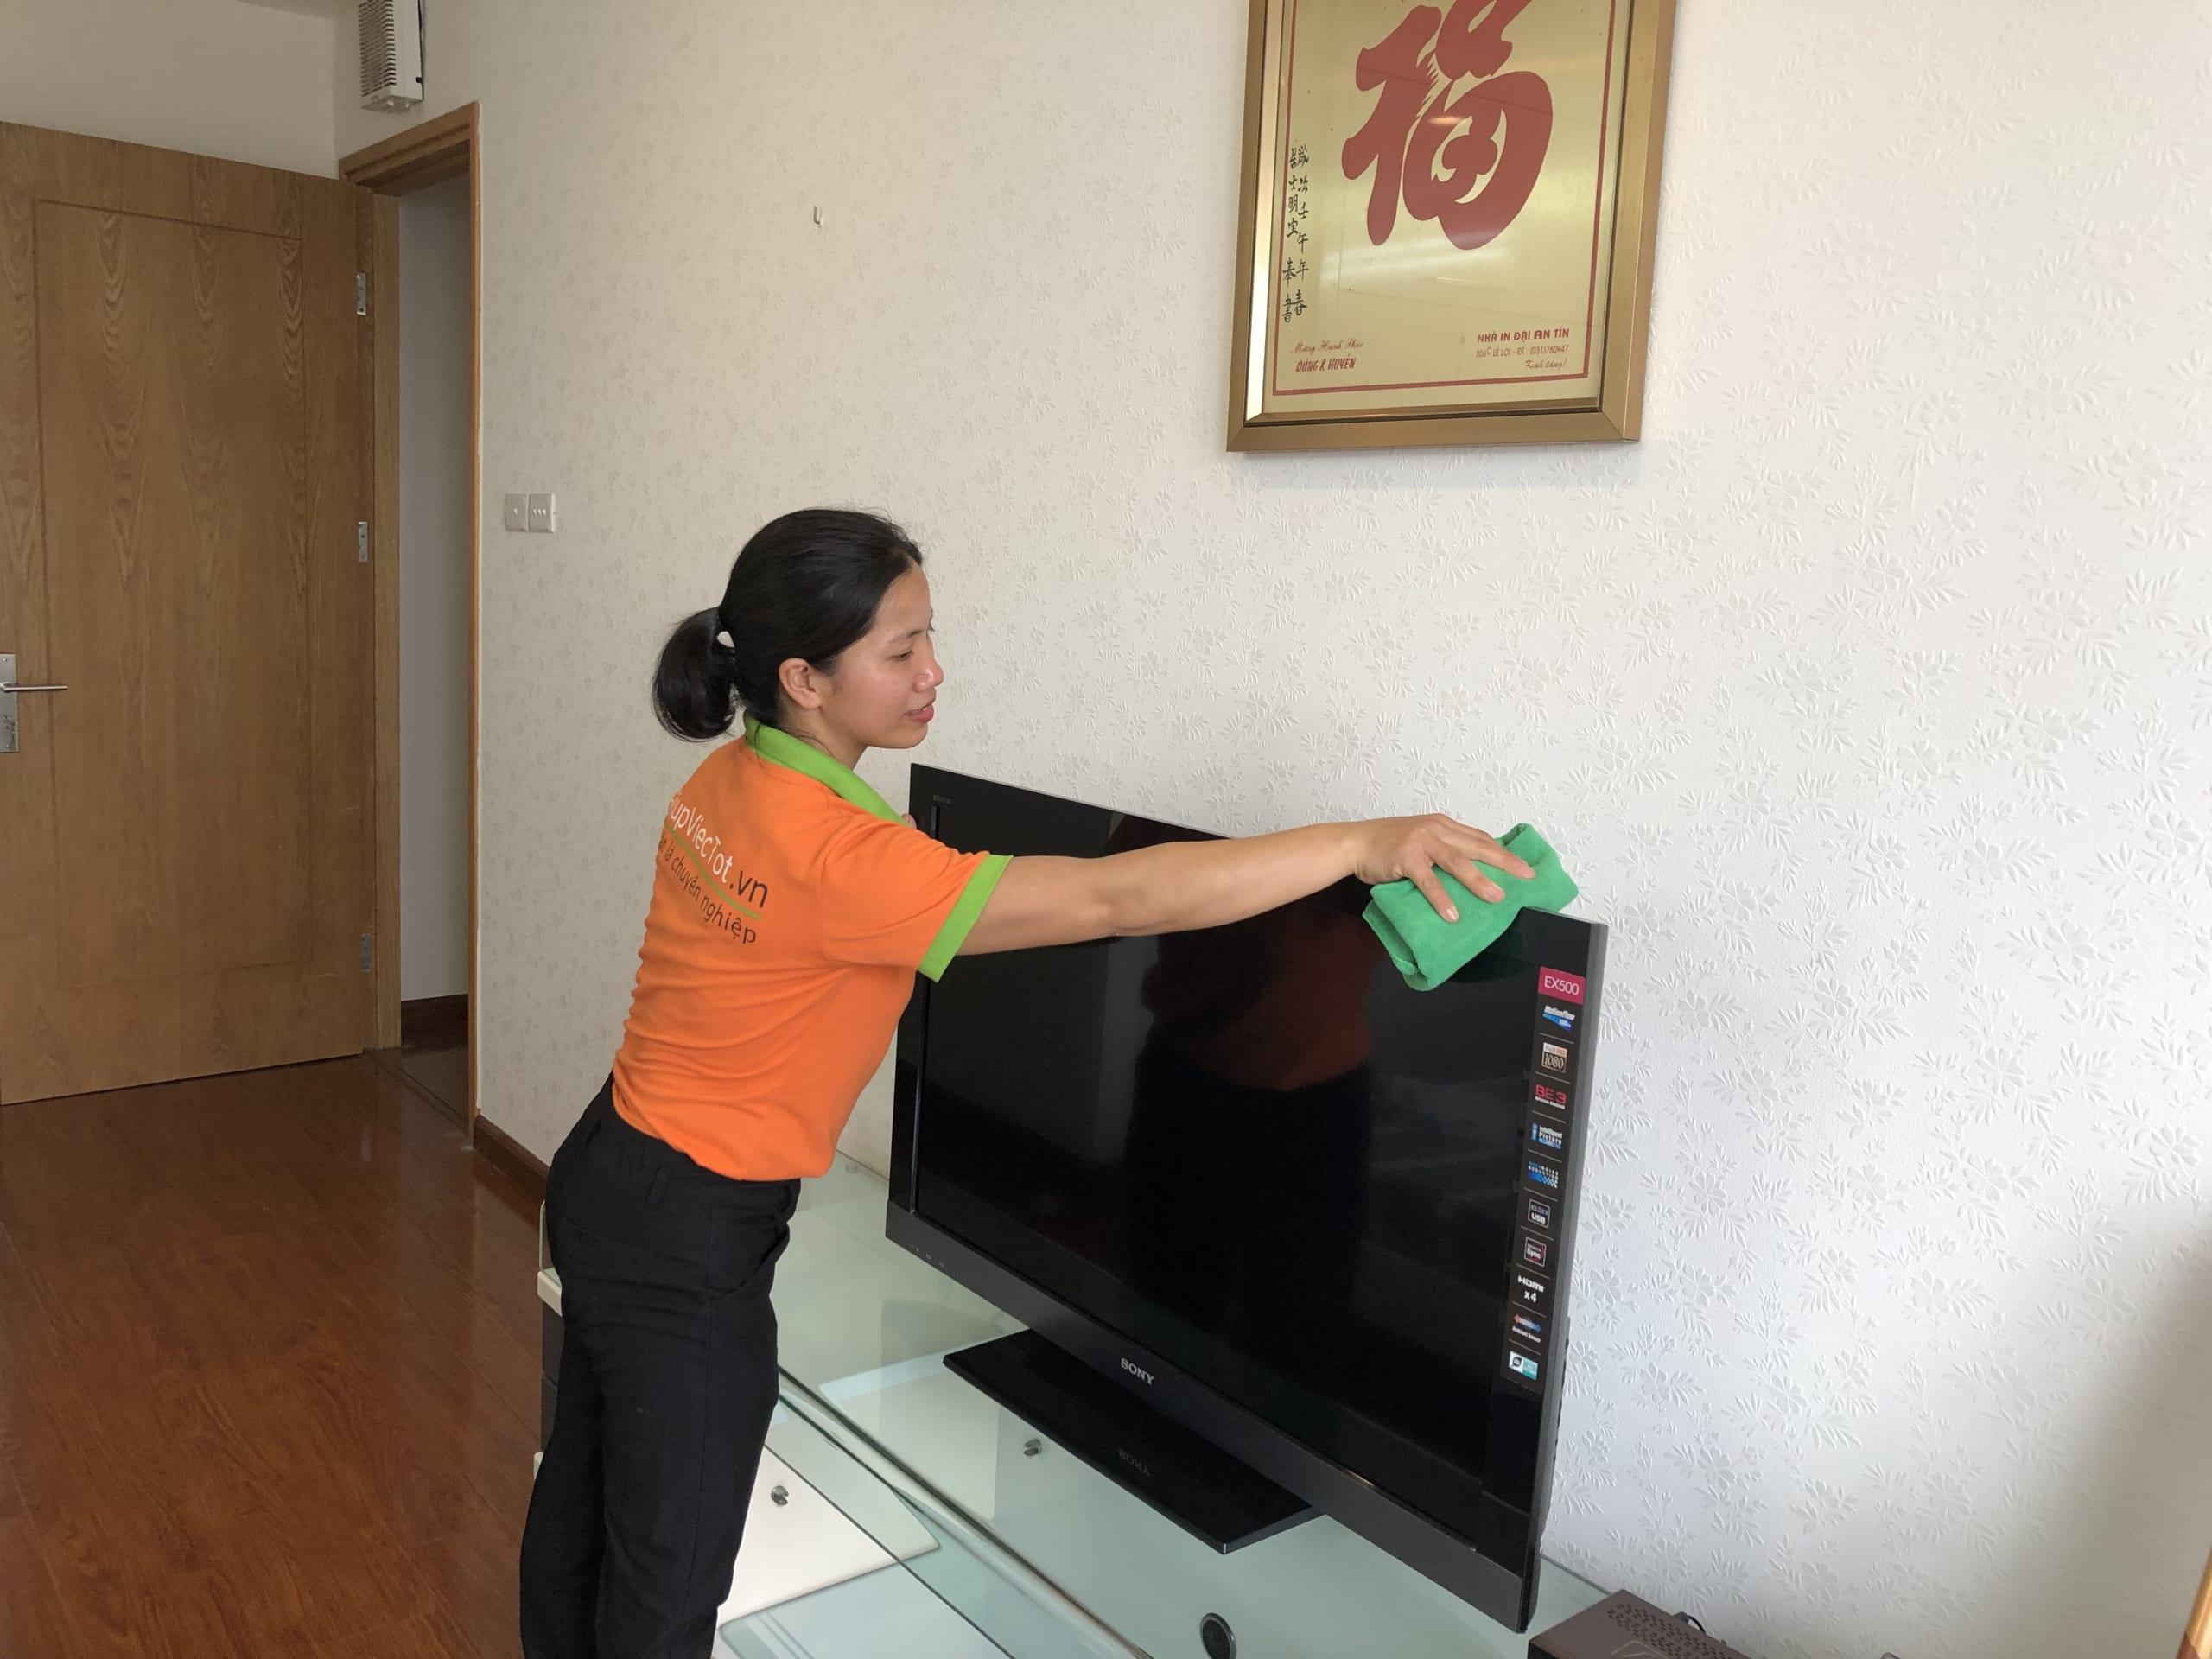 Đội vệ sinh nhà cửa chuyên nghiệp Tại Hà Nội